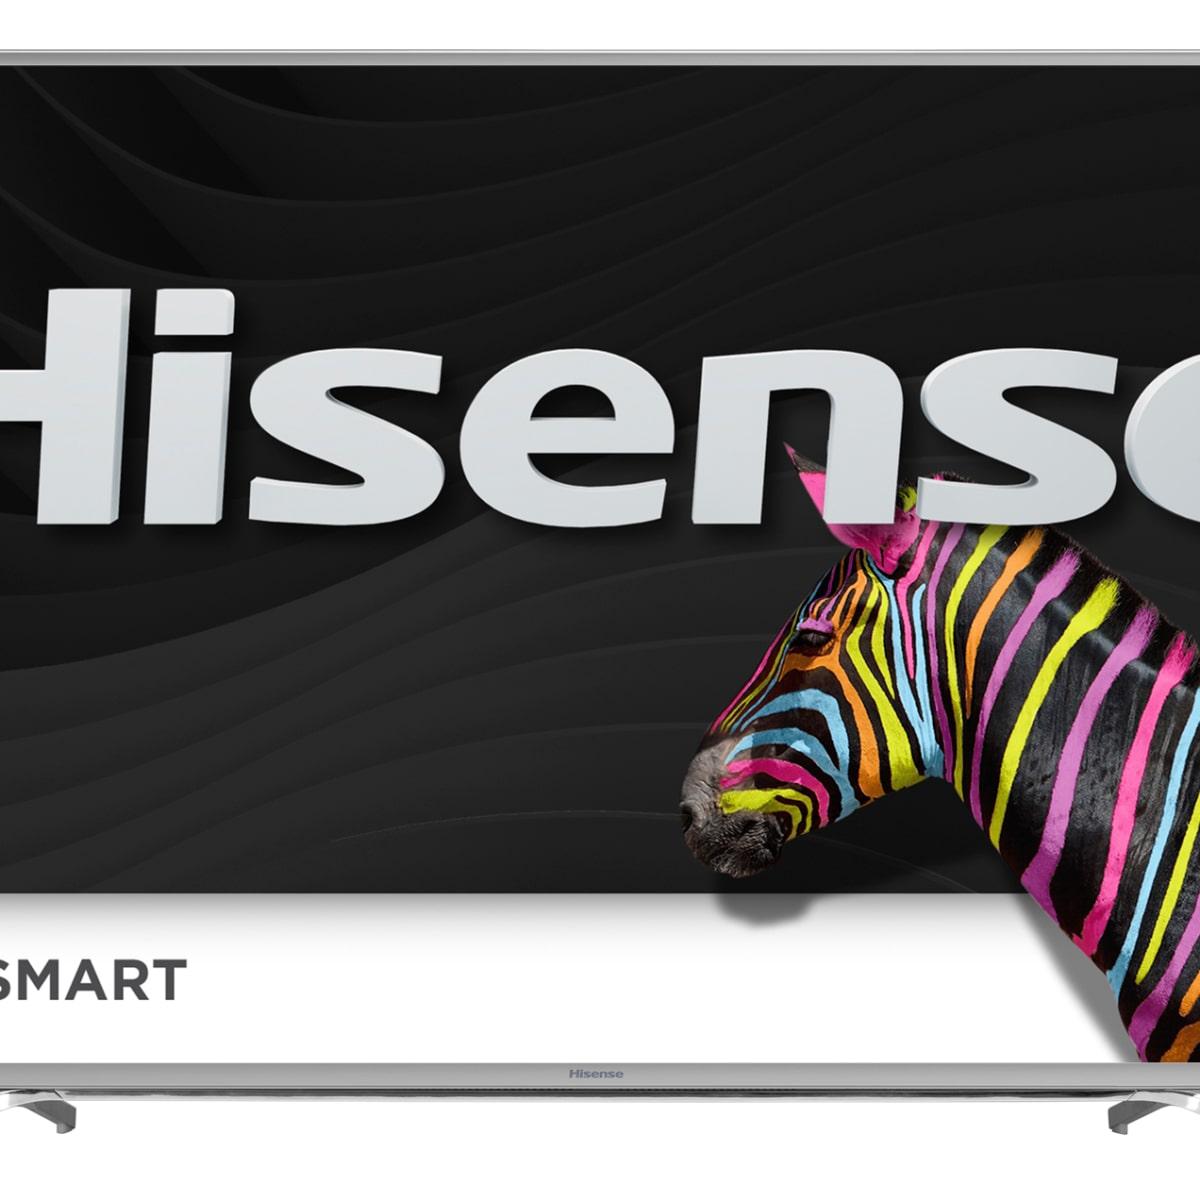 Hisense / Sharp 2017 TV Lineup - Reviewed Televisions